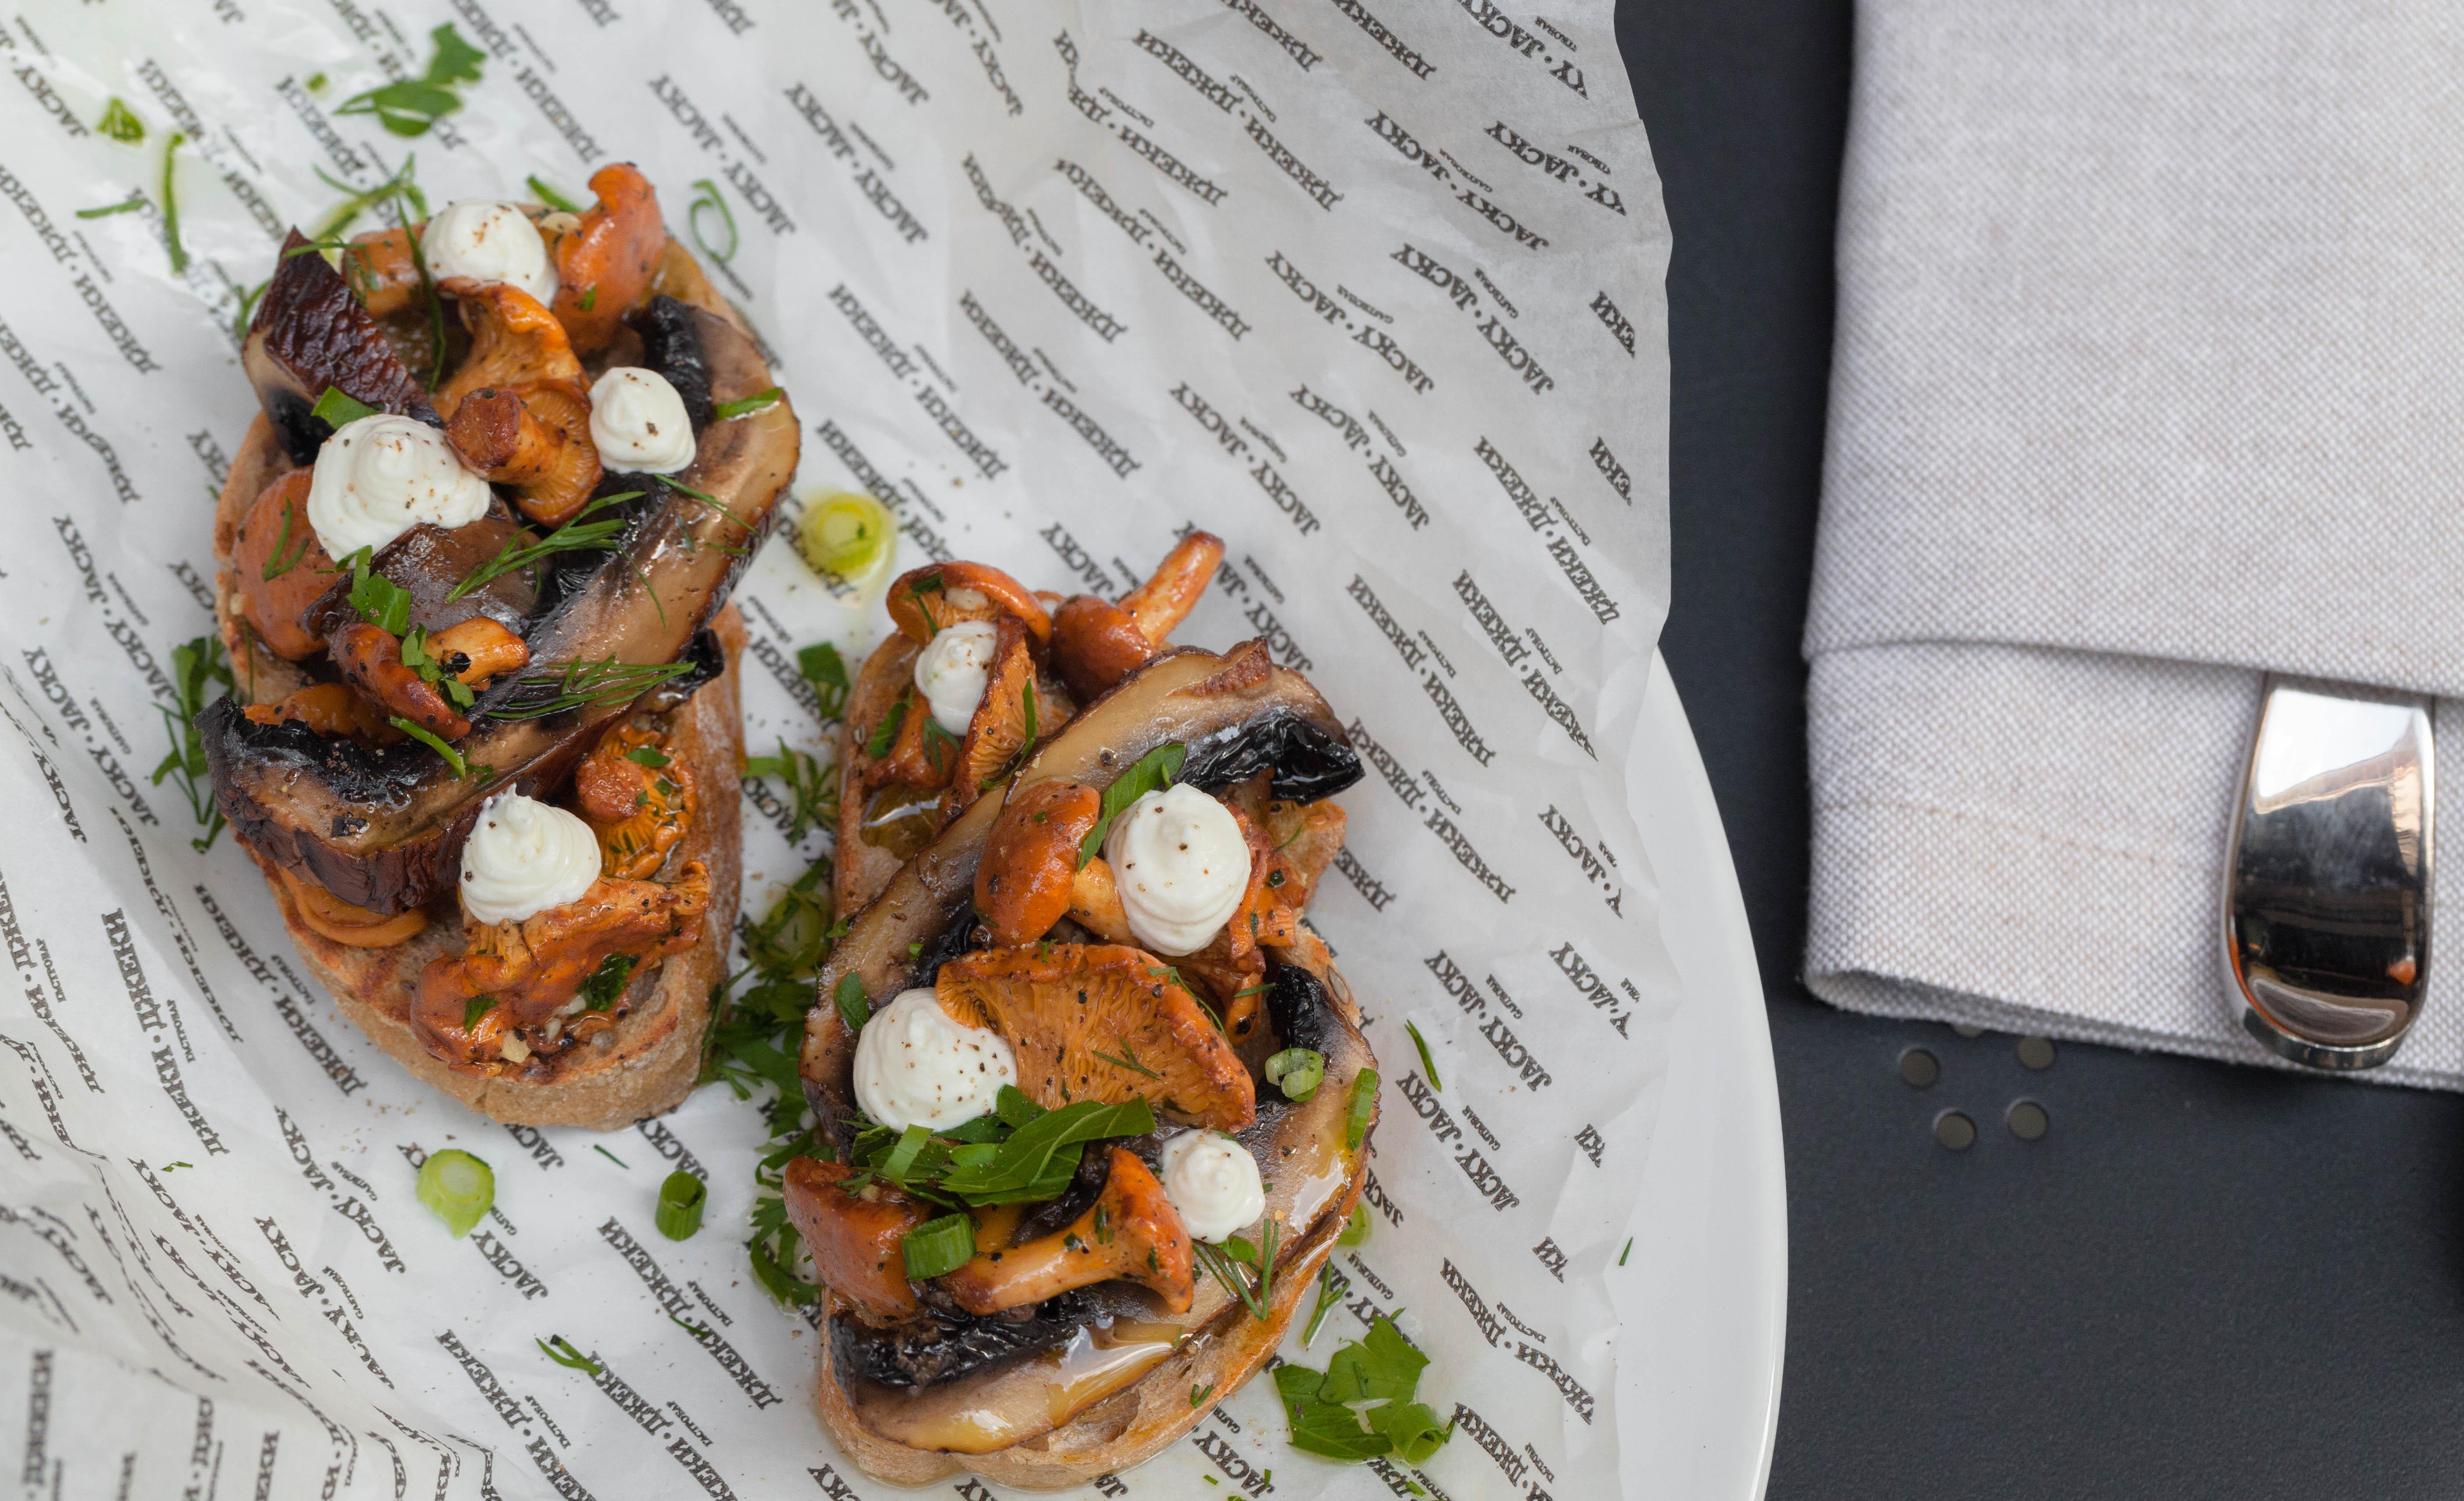 Ресторан Jacky Jacky Gastrobar - Кростини с лисичками